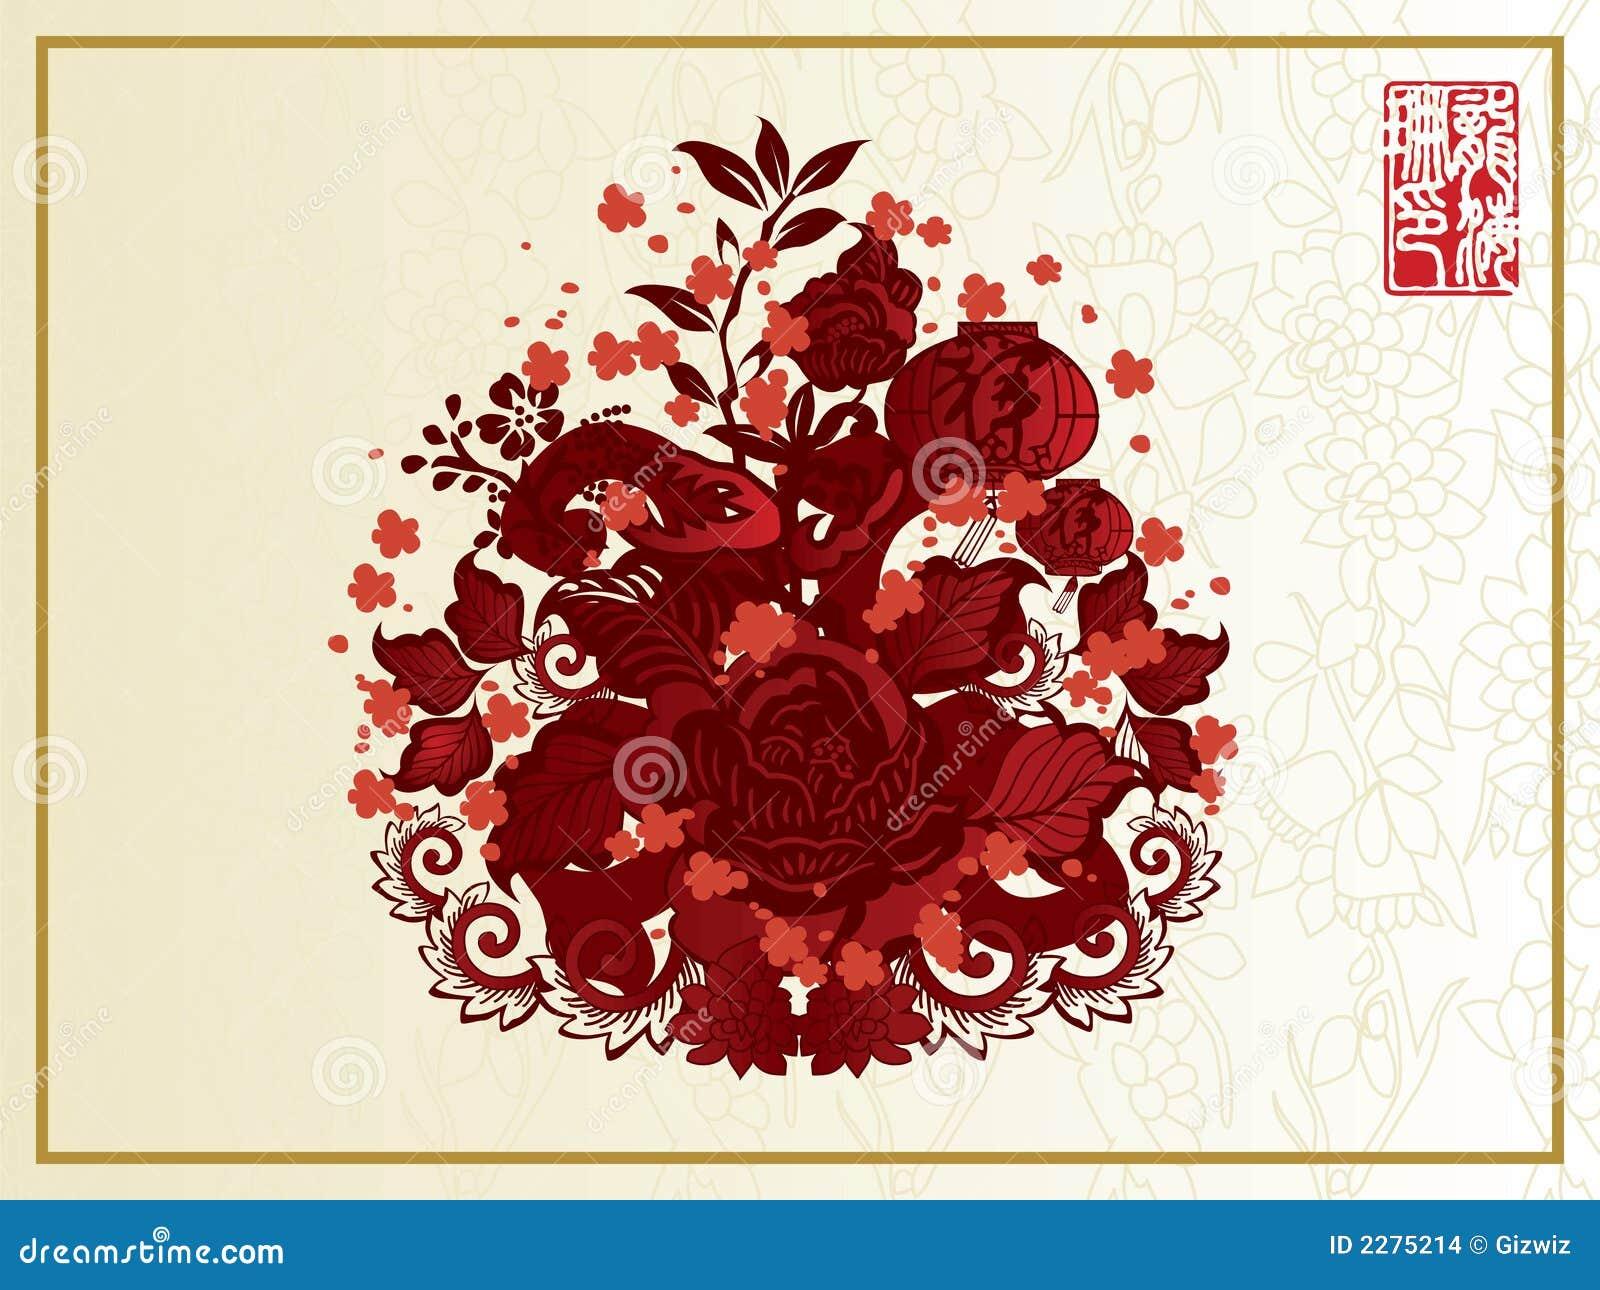 Flores chinas del escarlata imagenes de archivo imagen - Rosas chinas ...